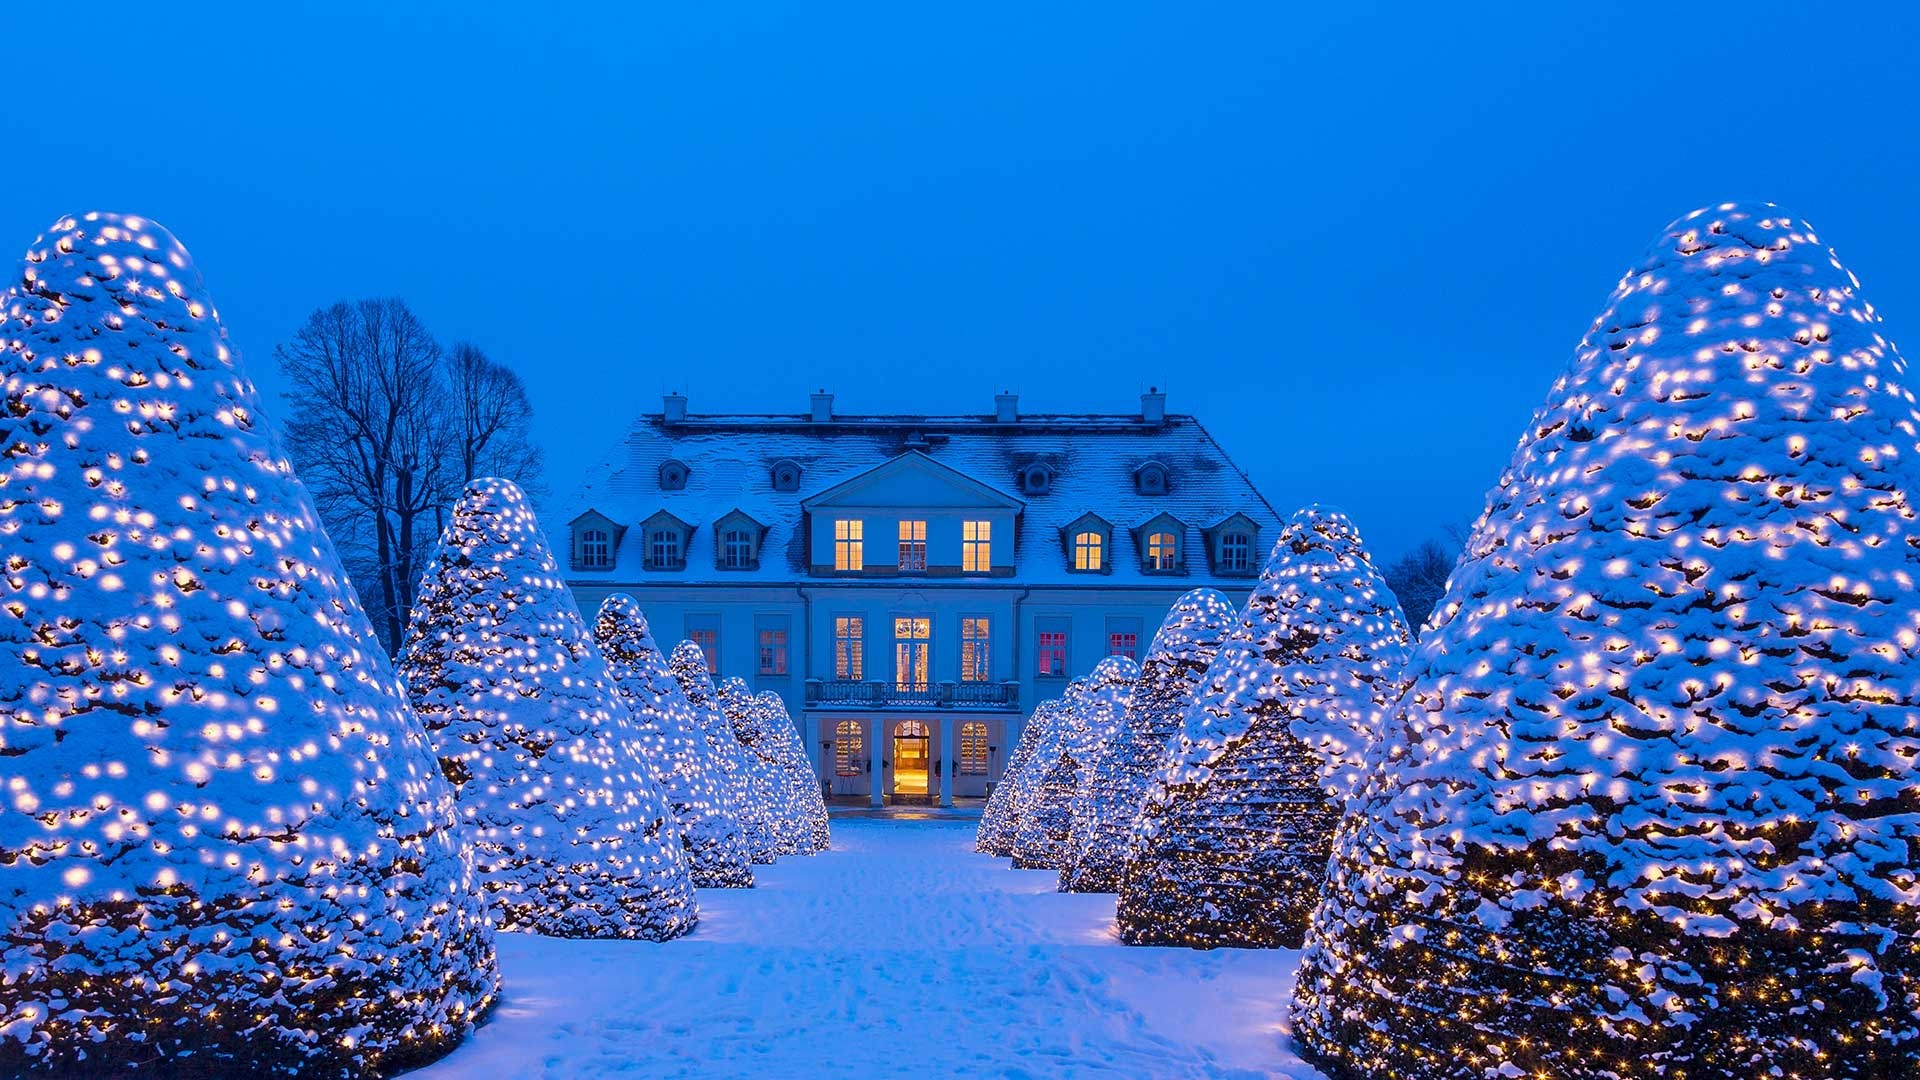 Deutschland, Sachsen, Schnee, Winter, Lichter, Bäume, Nacht, Schloss ...